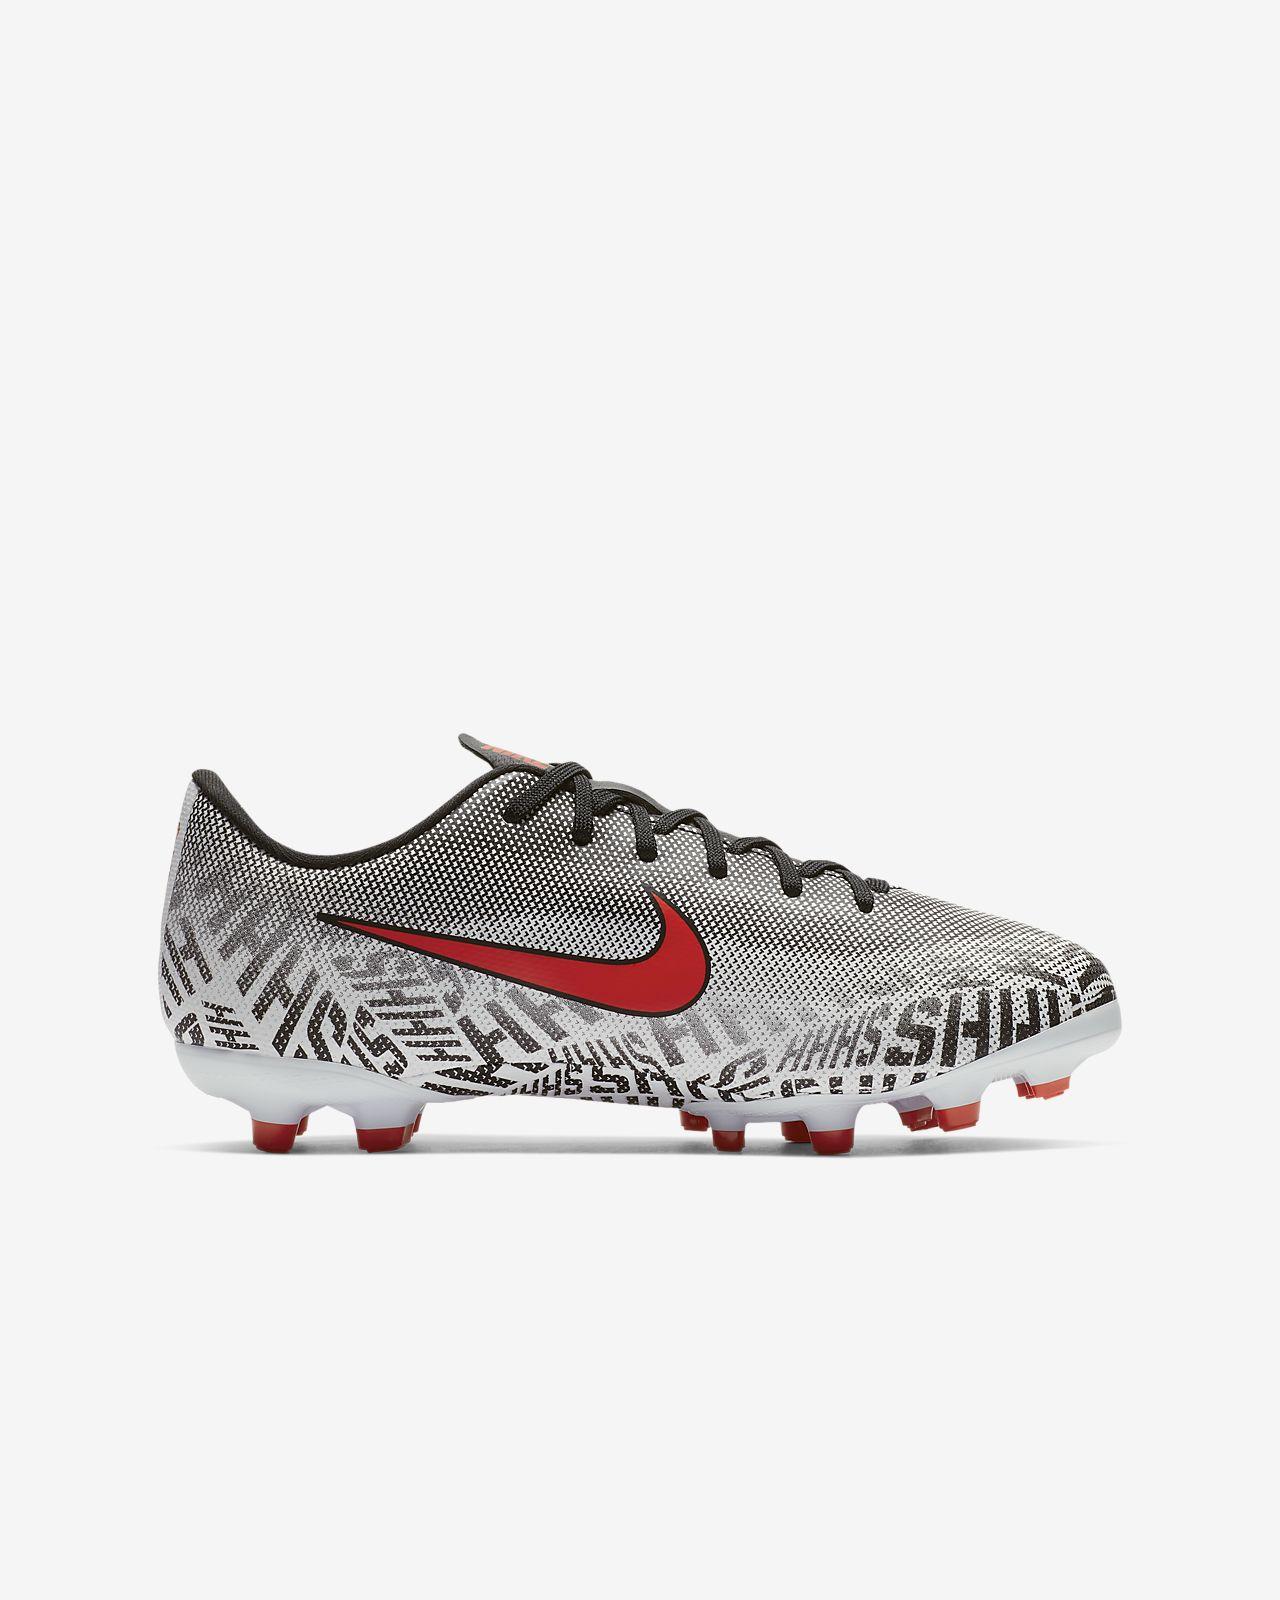 the best attitude 7dd93 a3c76 ... Nike Jr. Mercurial Vapor XII Academy Neymar Jr Fußballschuh für  verschiedene Böden für jüngere/